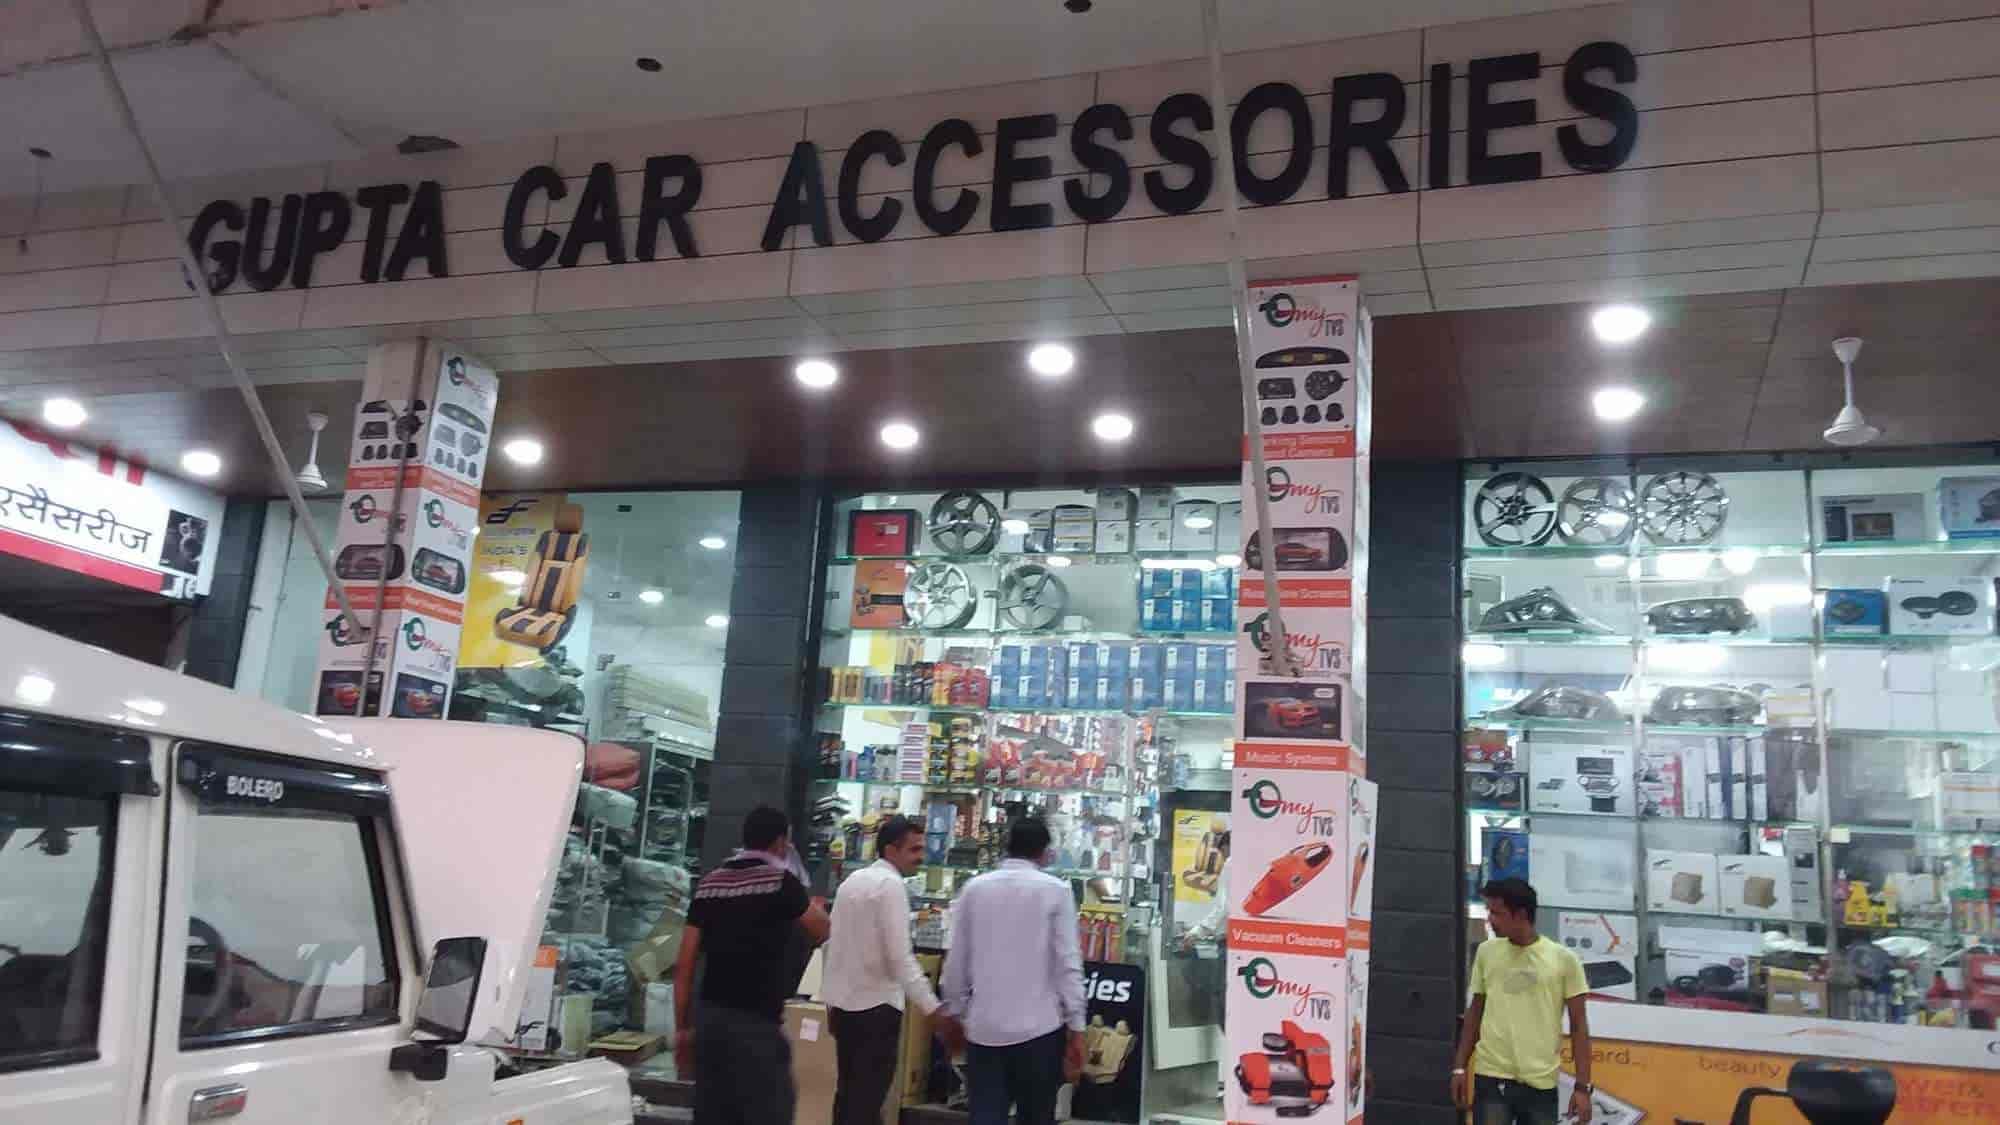 Auto Accessories Store >> Gupta Car Accessories Auto Market Car Accessory Dealers